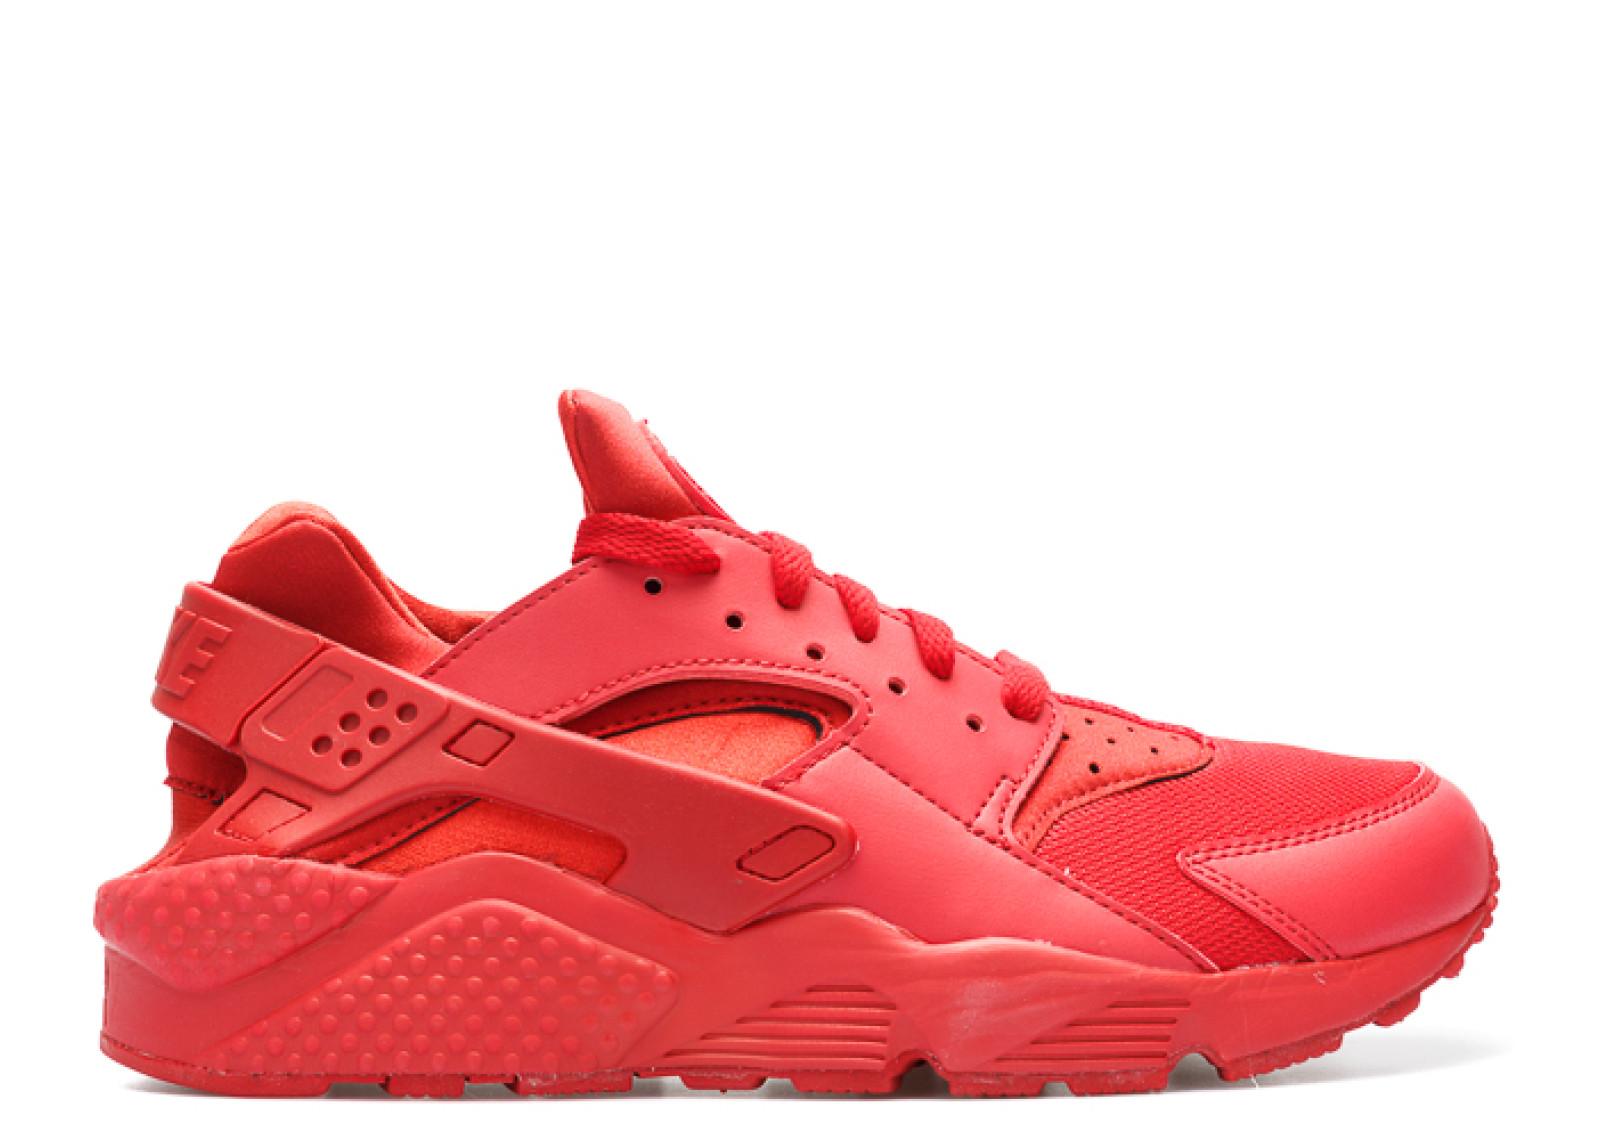 ナイキ エアー ハラチ トリプル 赤 レッド バーシティ メンズ 男性用 スニーカー 靴 メンズ靴 【 NIKE AIR HUARACHE TRIPLE RED VARSITY VRSTY REDVRSTY RD 】